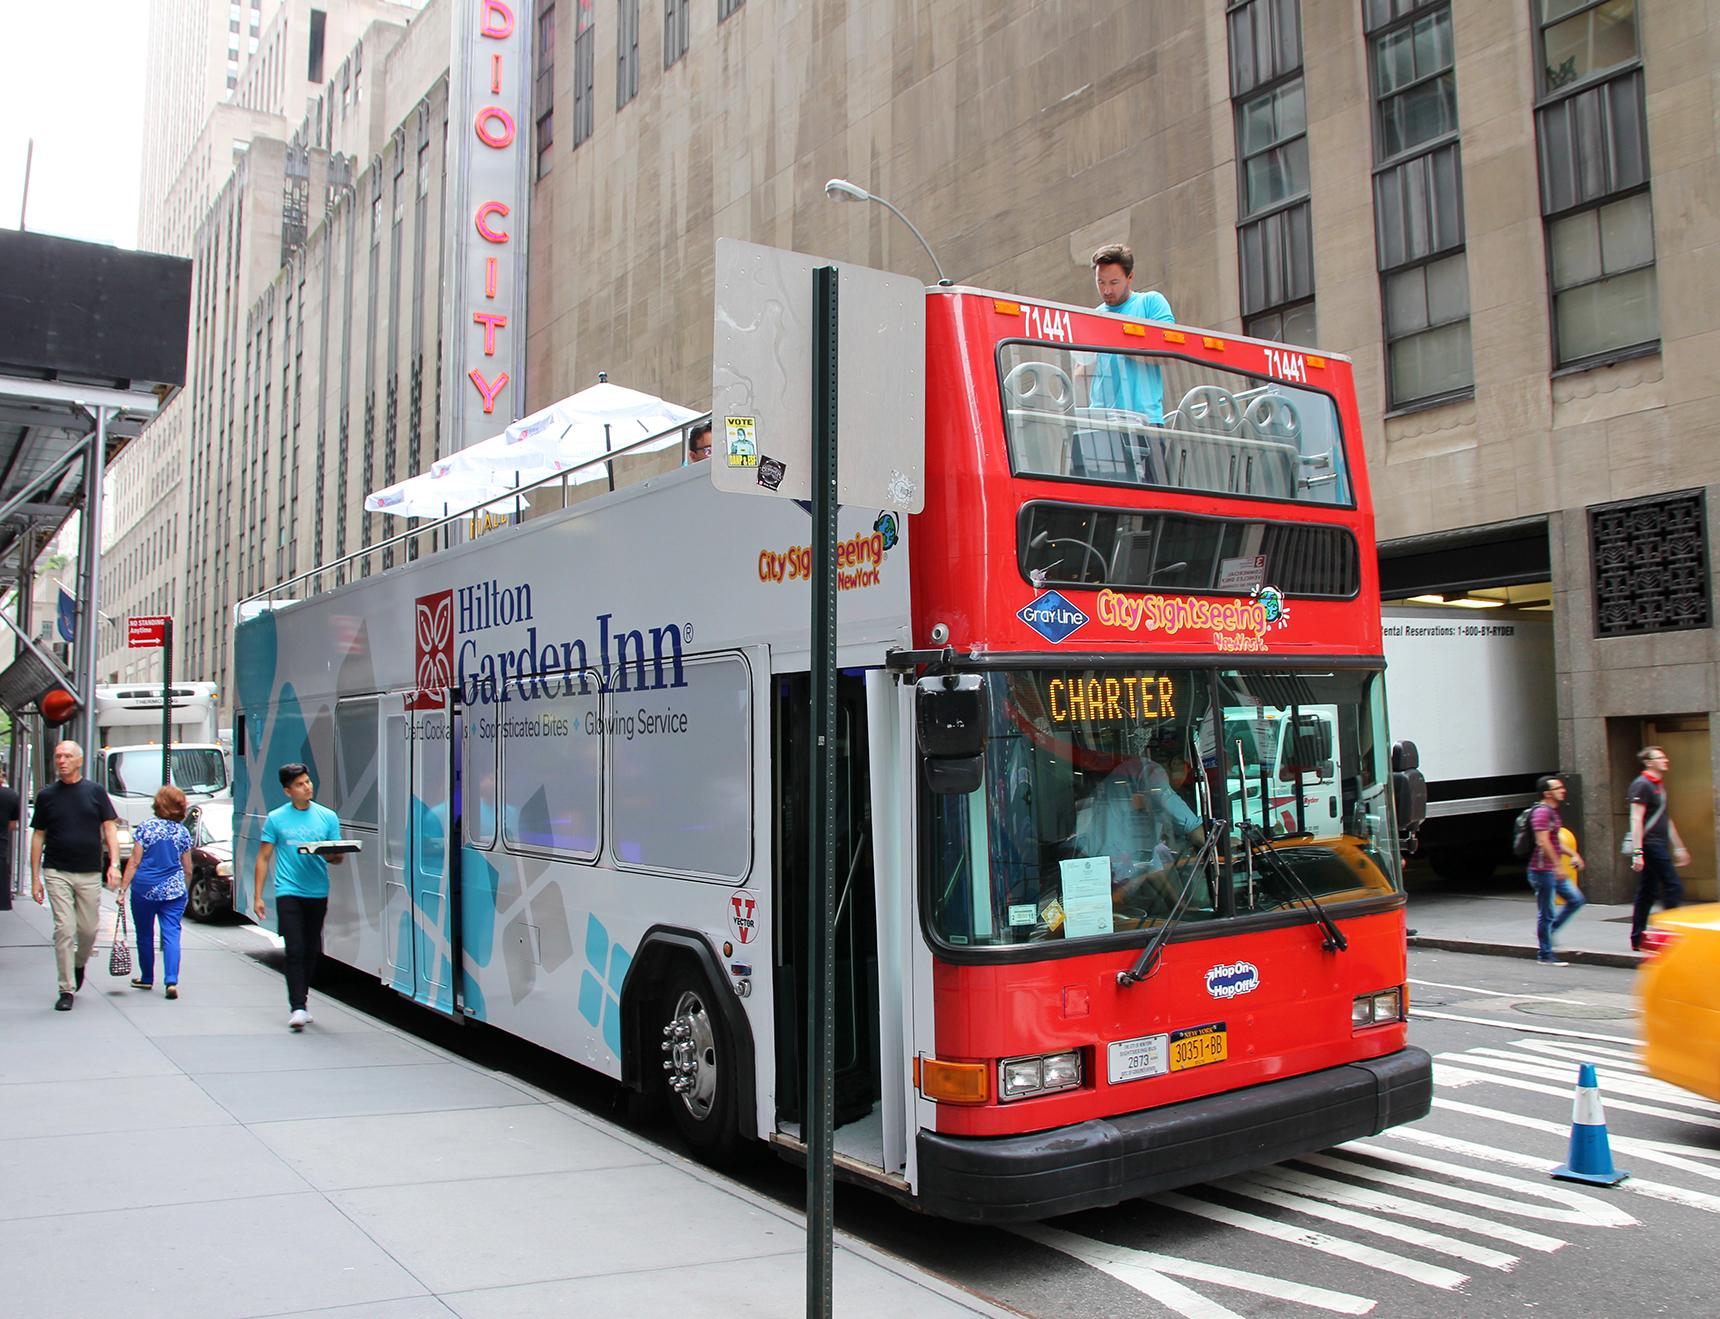 Hilton Garden Inn Double Decker Bus